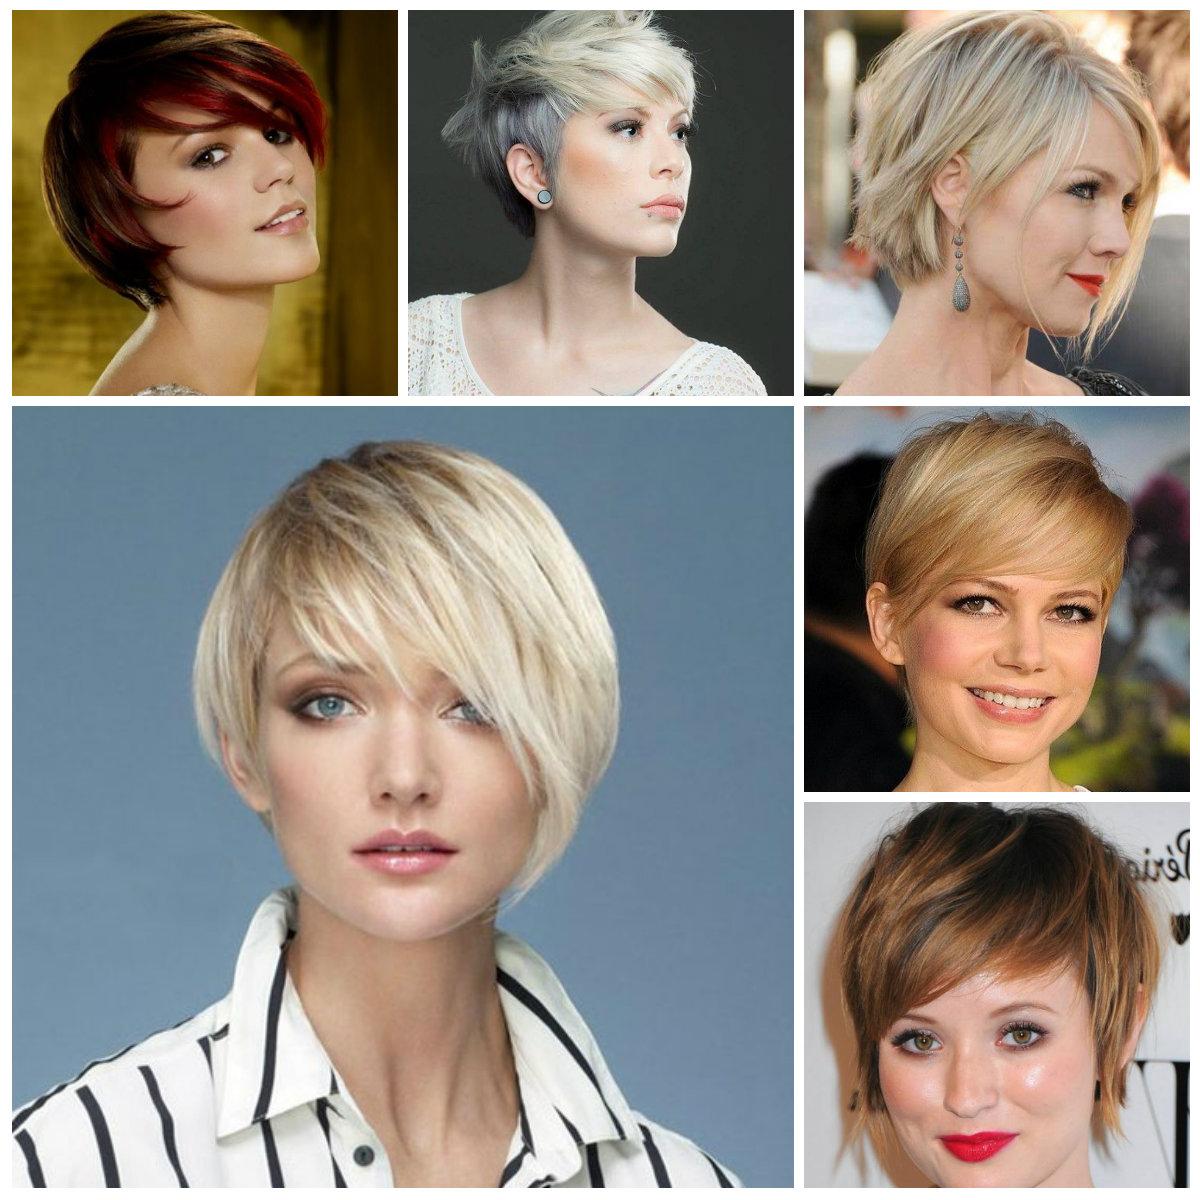 Short Haircut Ideas For Fine Hair 2016   2019 Haircuts, Hairstyles Regarding Short Feminine Hairstyles For Fine Hair (View 15 of 25)